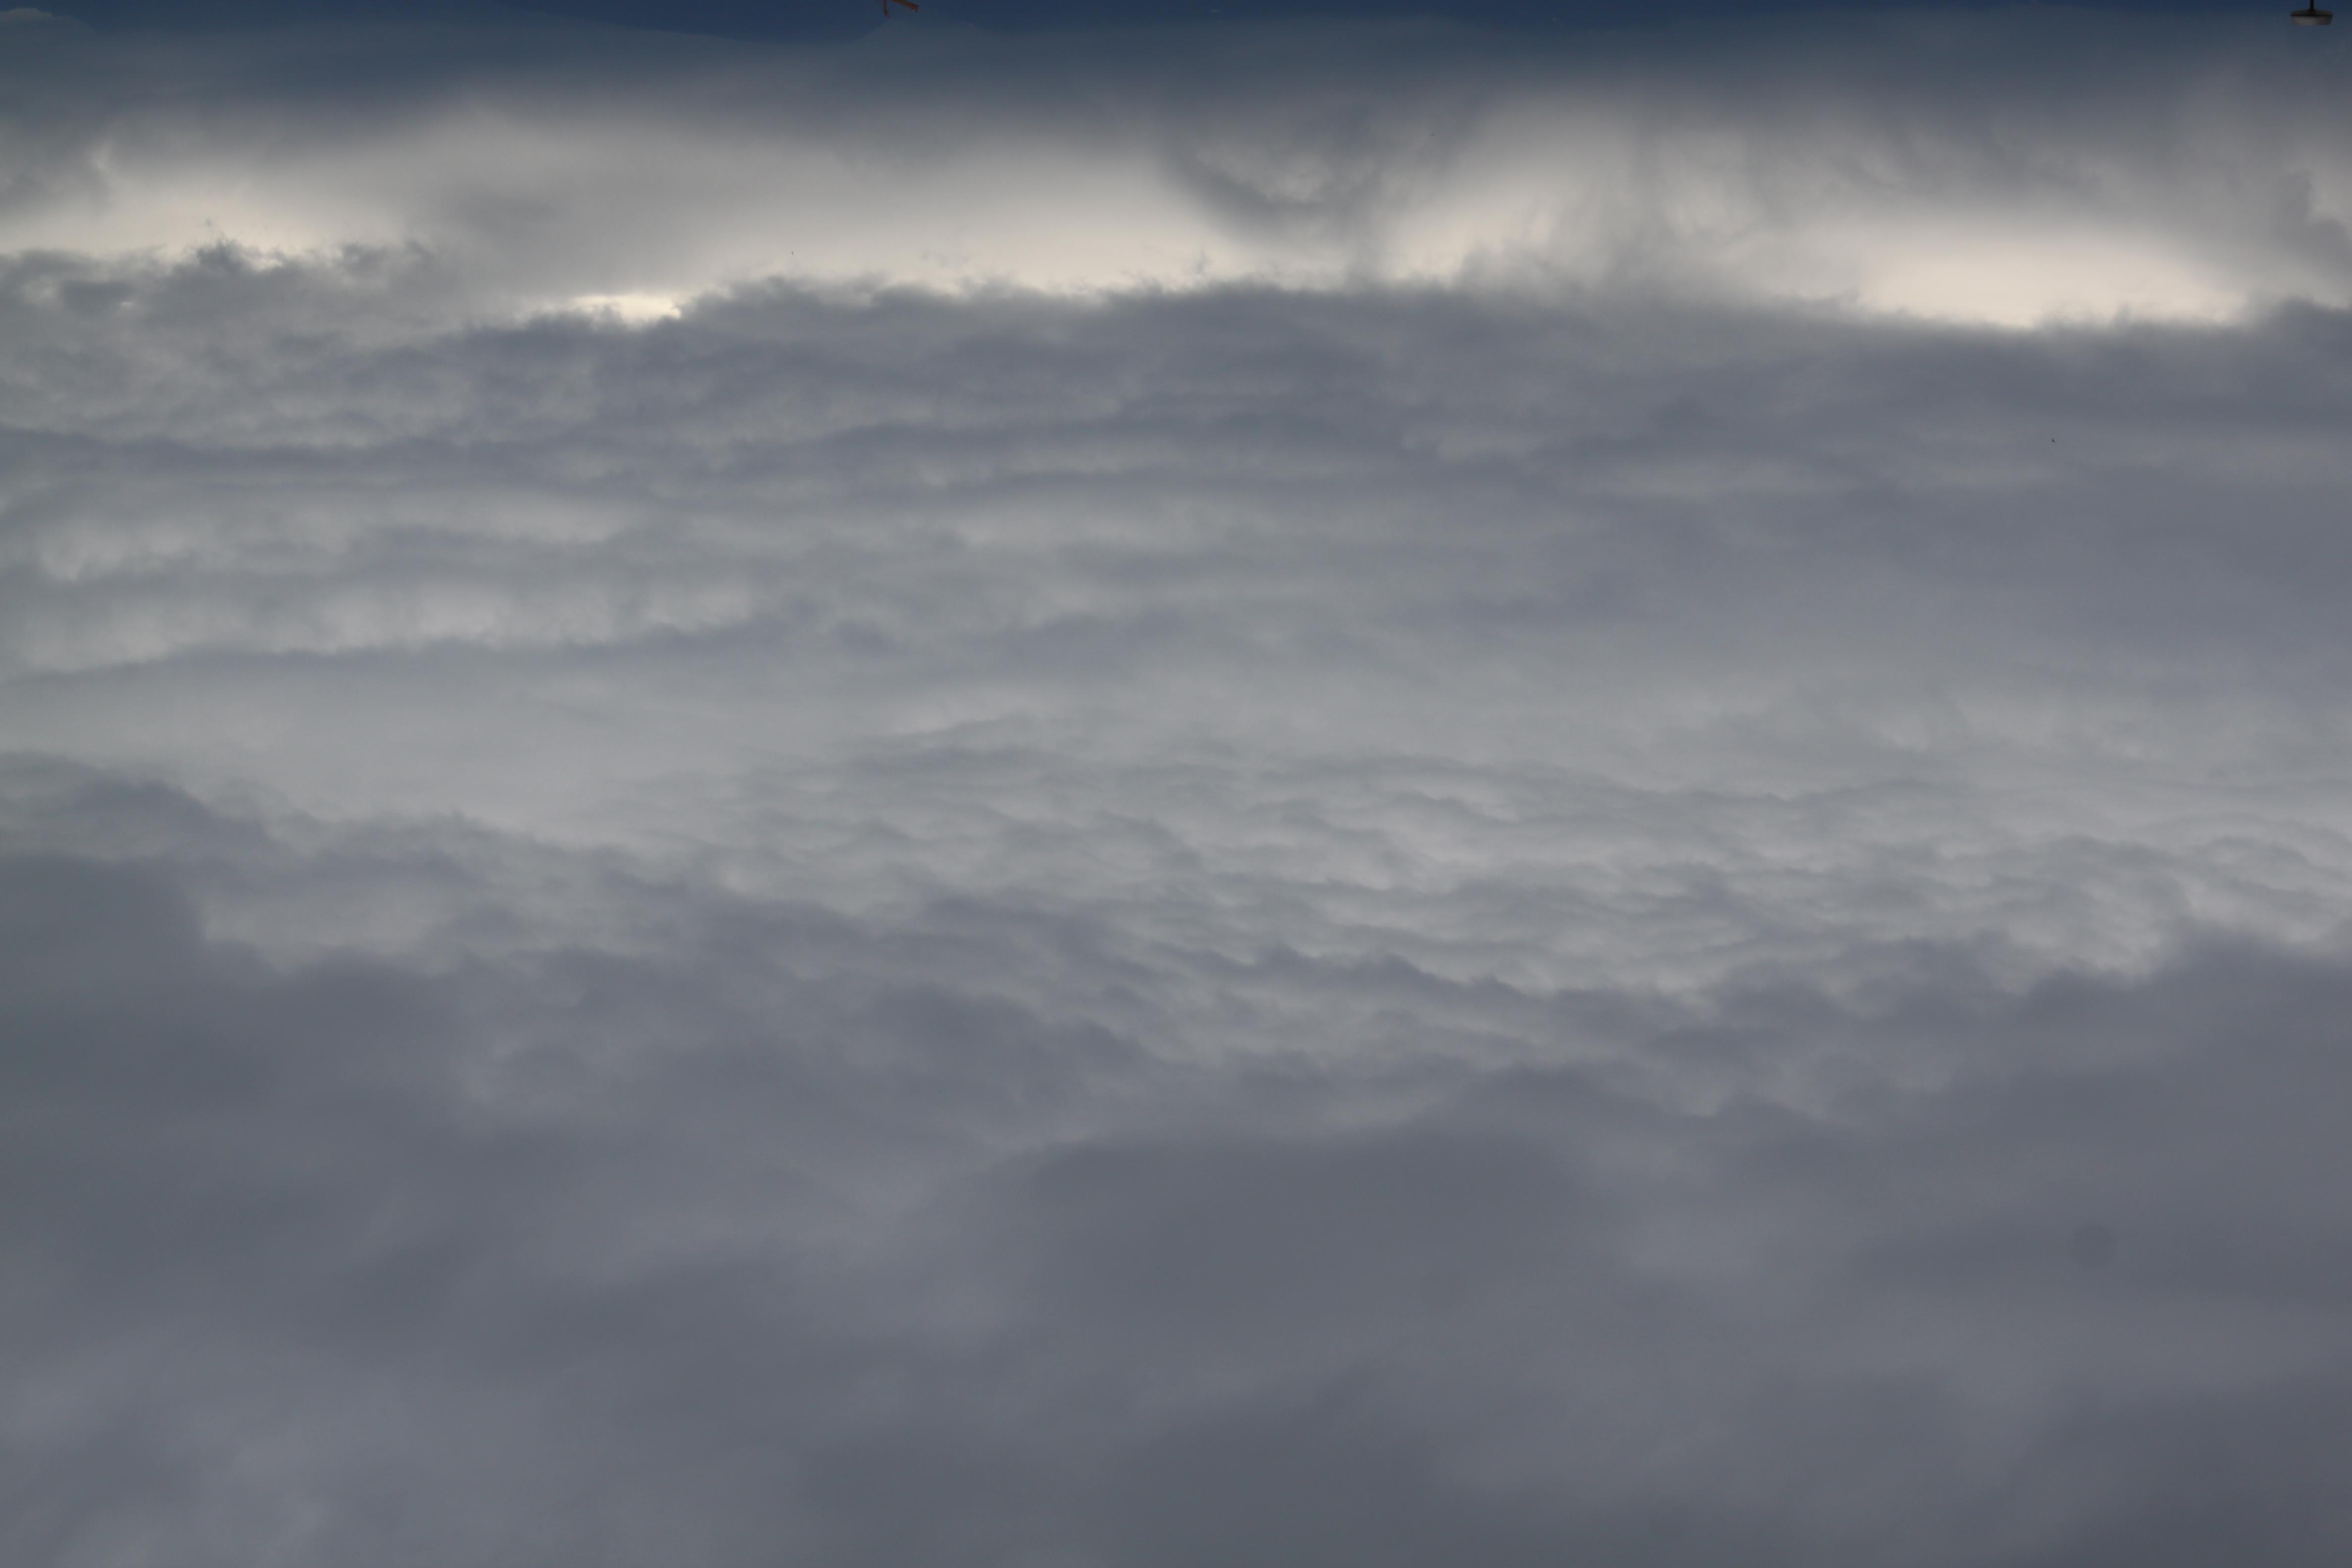 ciel nuageux, impression de ouate, photo retournée